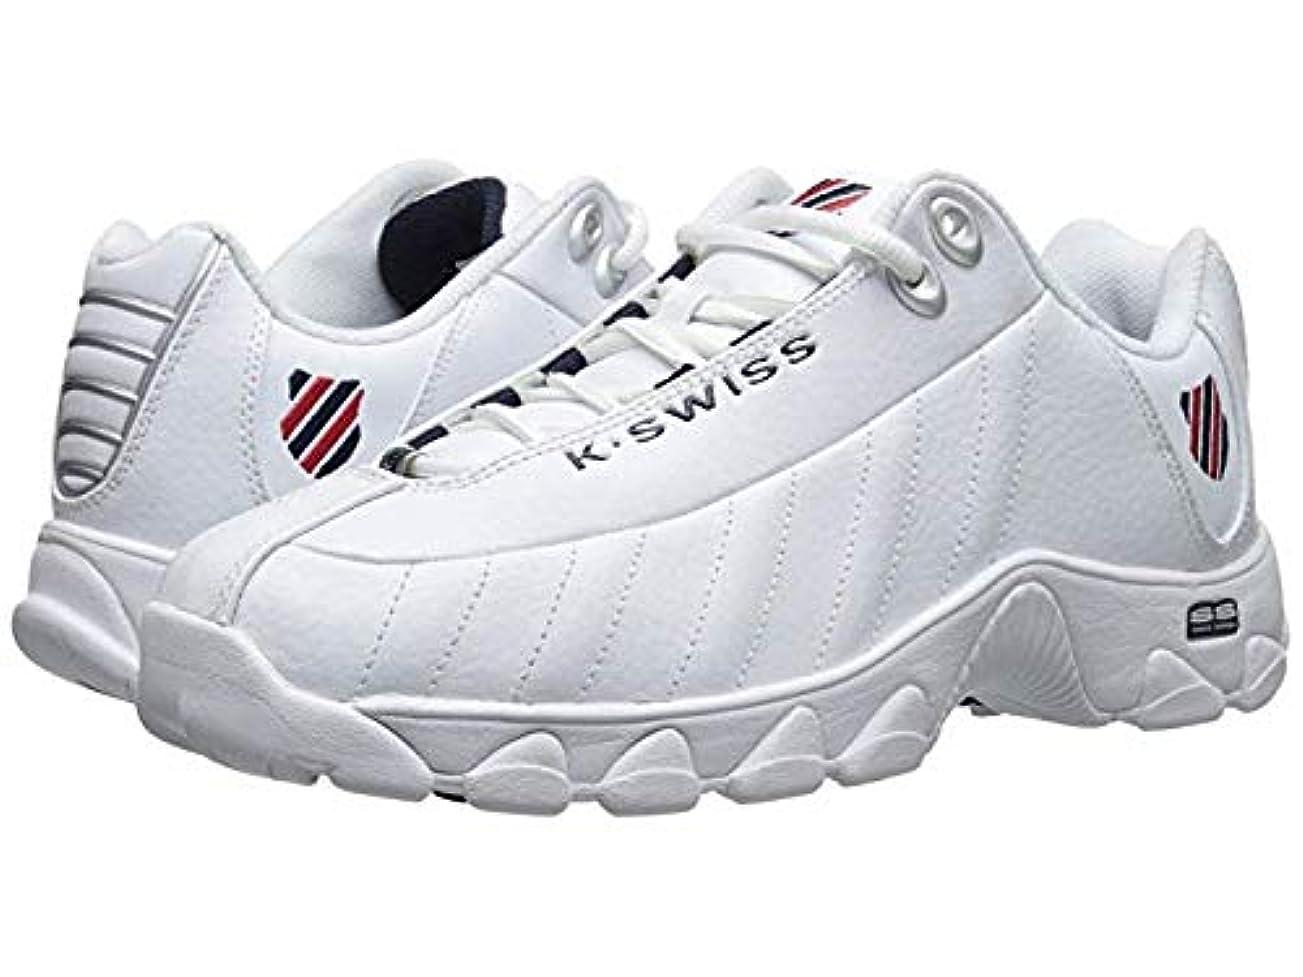 [ケースイス] メンズスニーカー?靴?シューズ ST329 CMF White/Navy/Red Leather US 11 (29cm) D - Medium [並行輸入品]